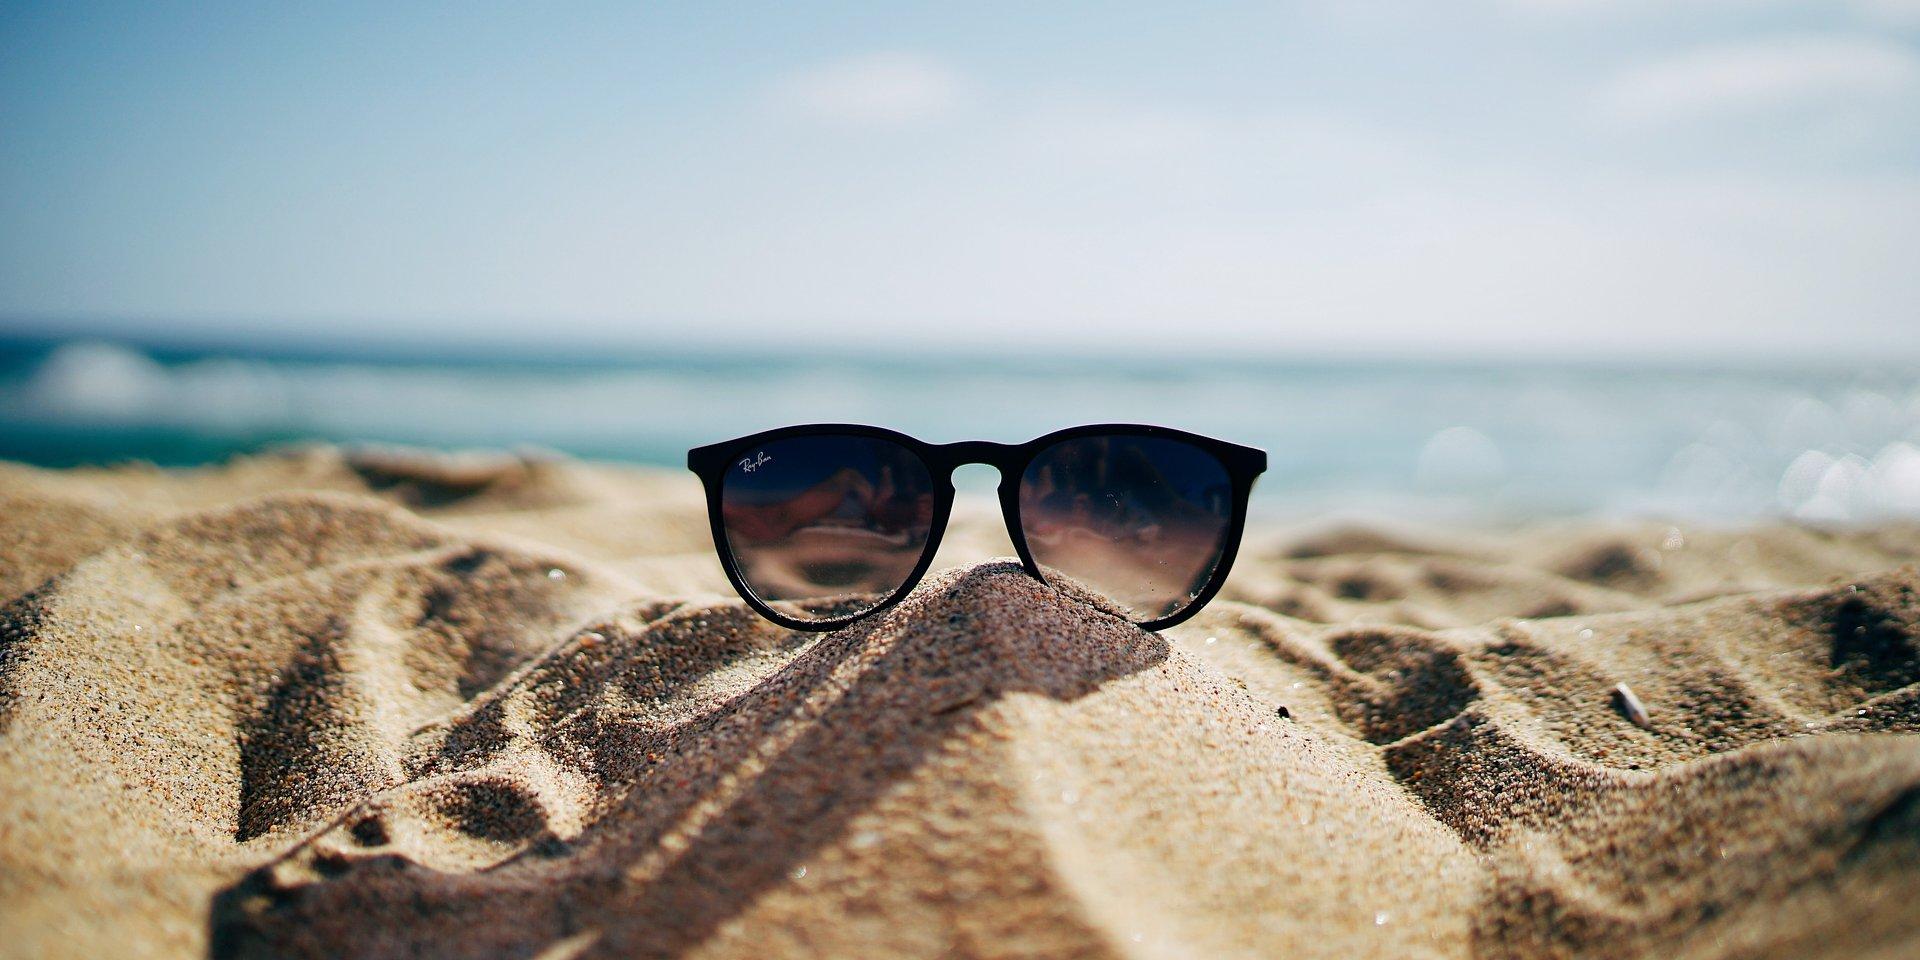 Passeggiare lontano dallo smog, assumere cibi ricchi di calcio ed esporsi al sole: ecco come fare il pieno di vitamina D, secondo MioDottore